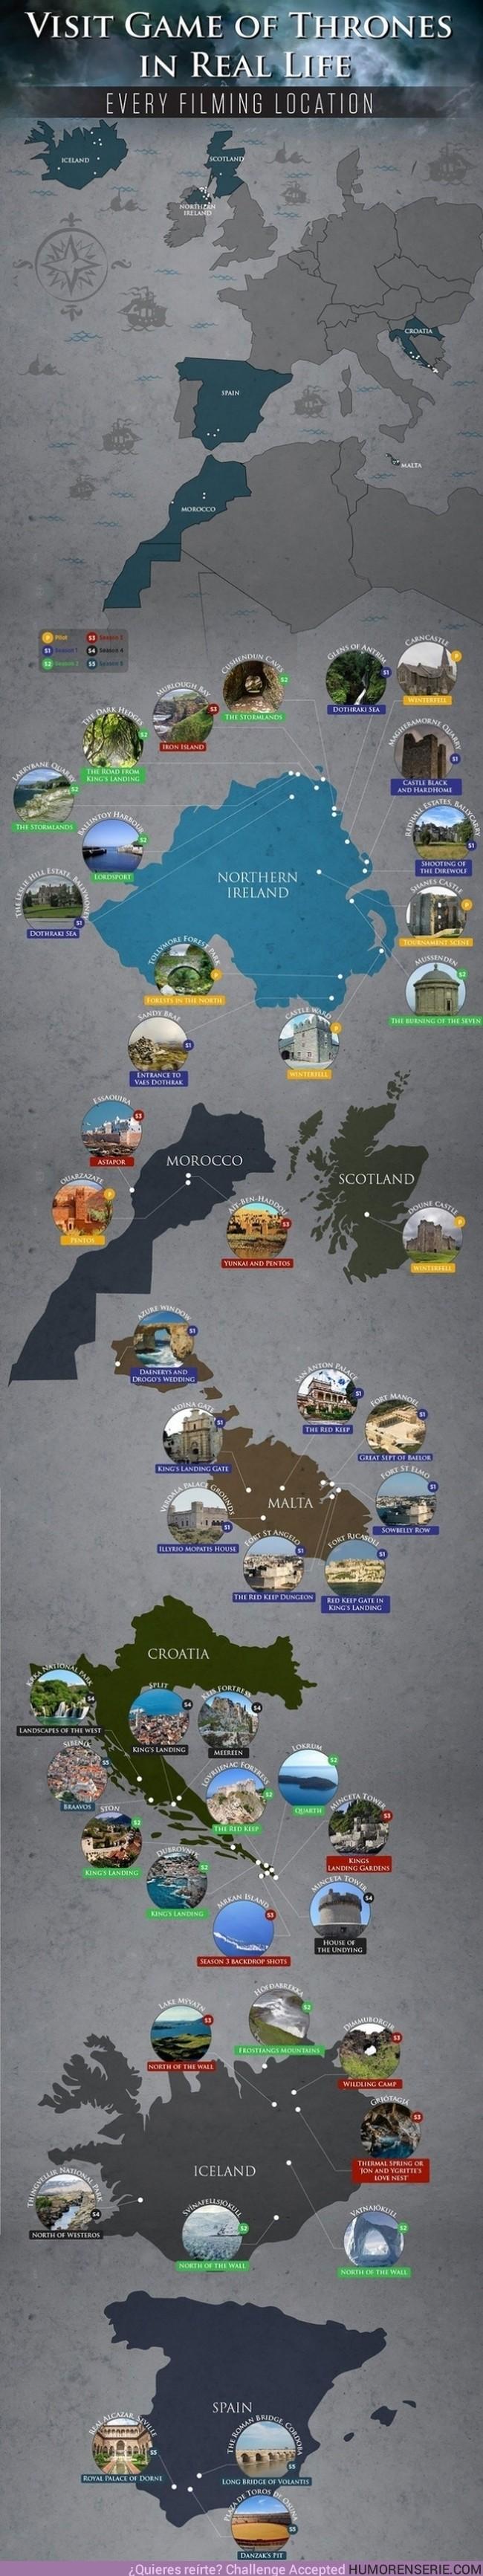 855 - Te ayudamos a elegir dónde irte de vacaciones ;) - Aquí están todas las locaciones donde se ha graba